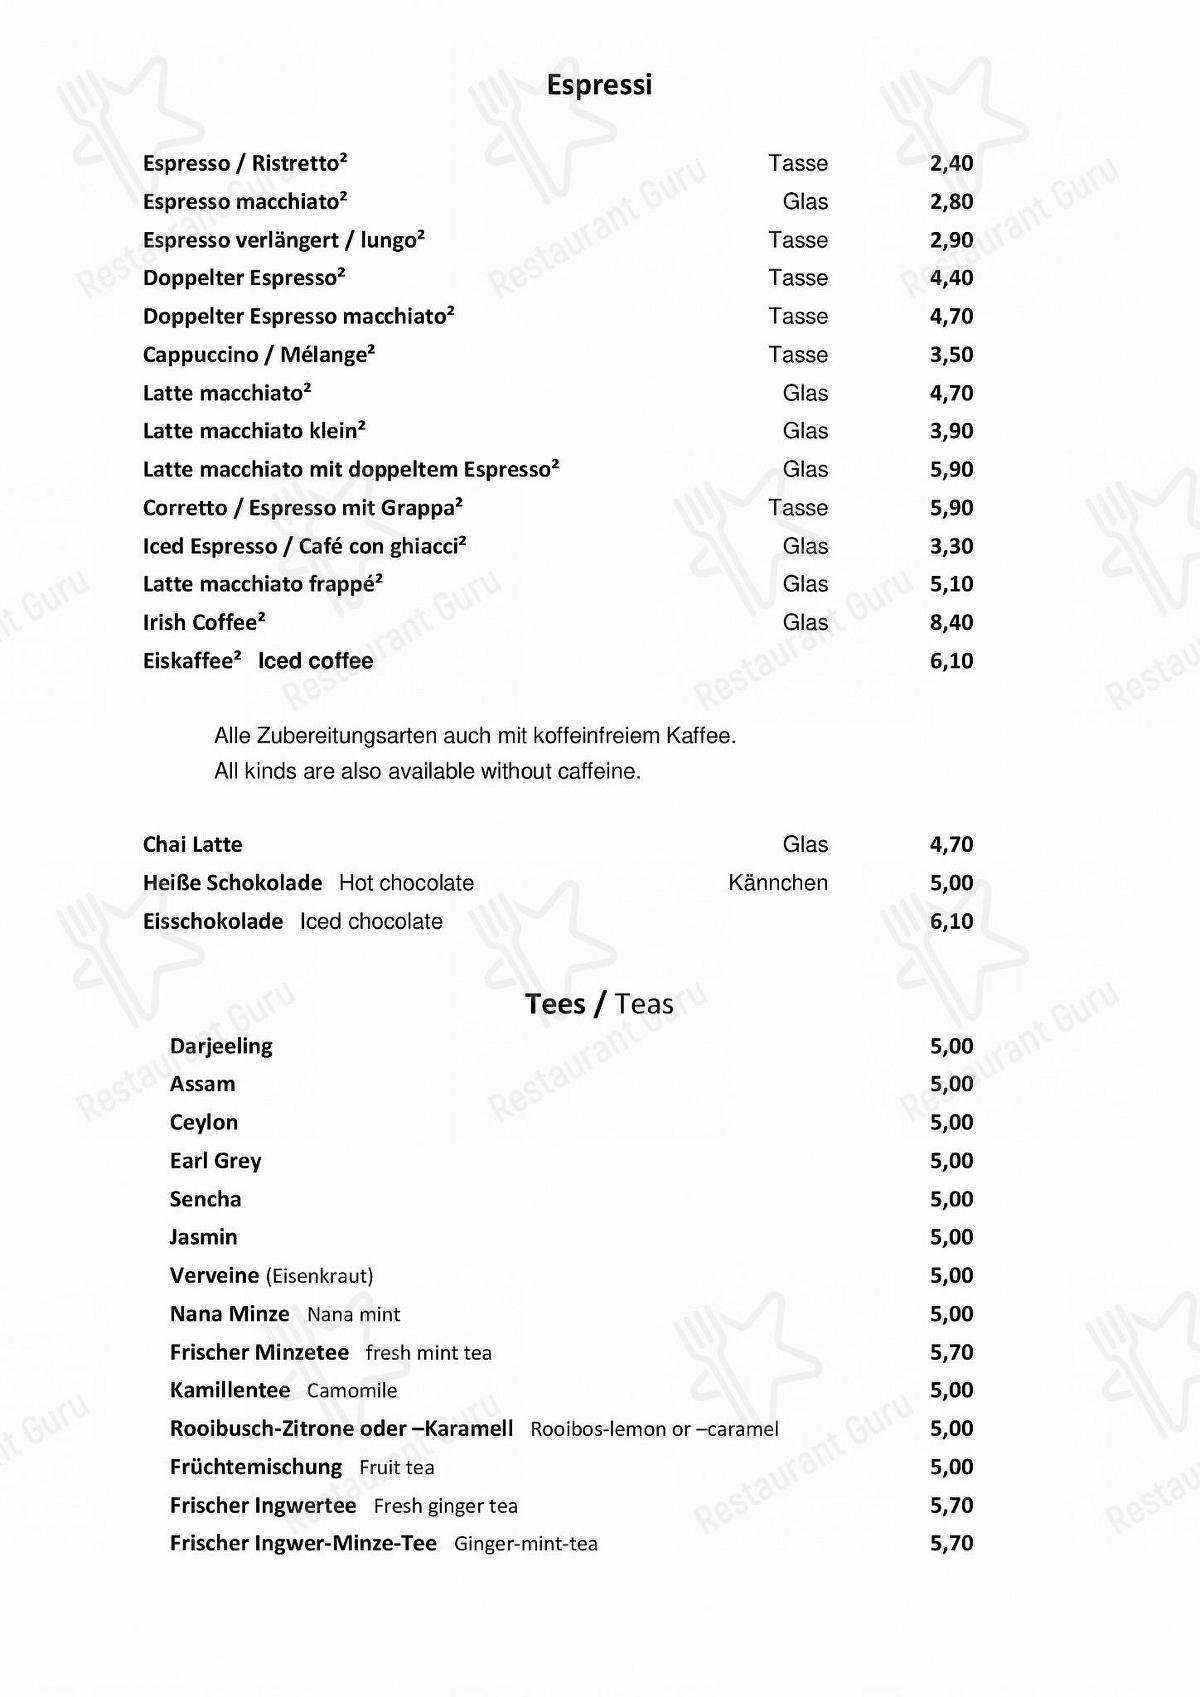 Manzini Speisekarte - Gerichte und Getränke